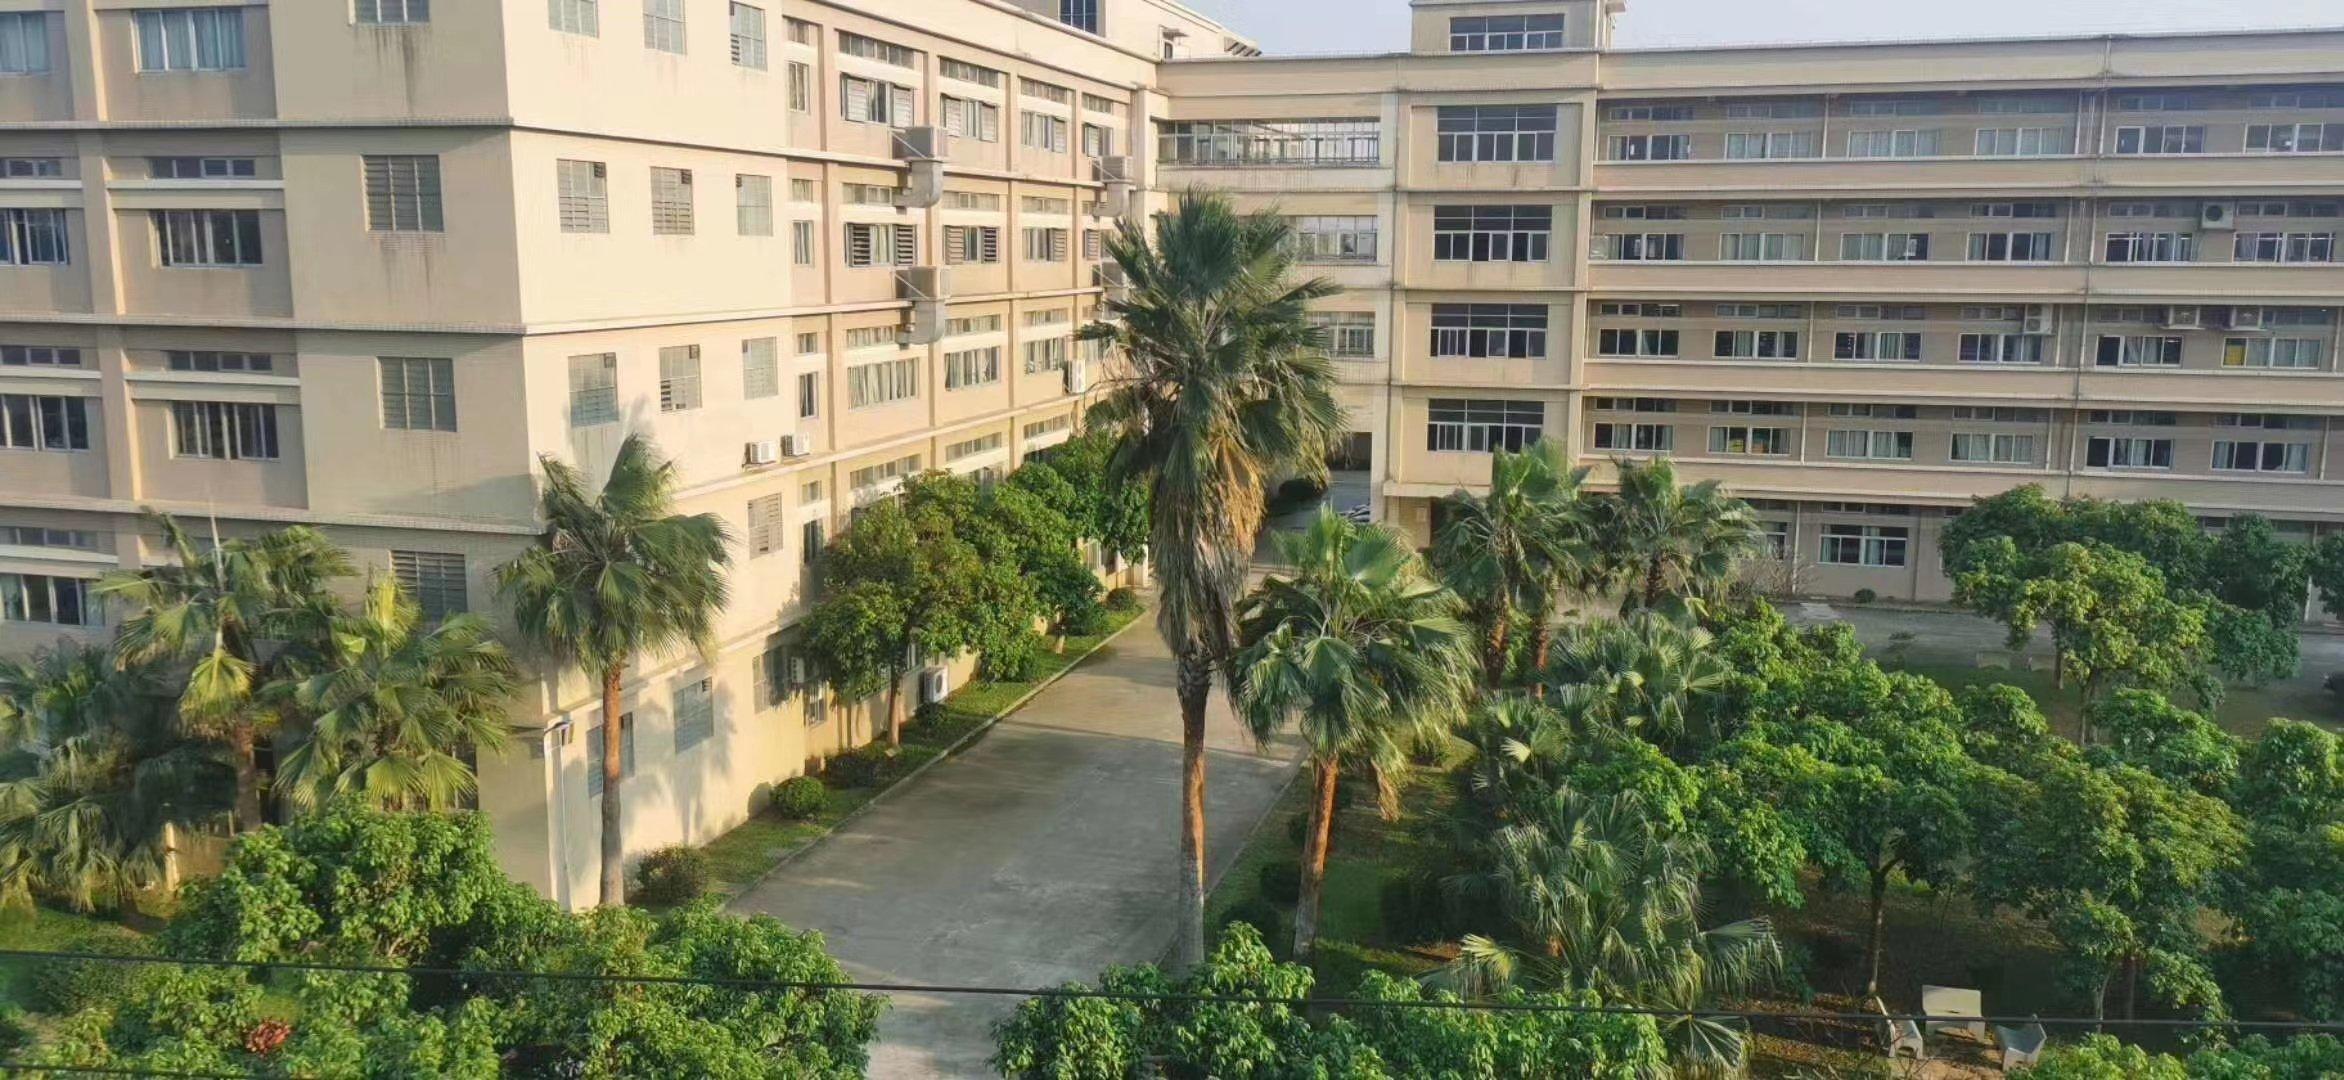 新出花园式标准厂房出租学校出租总面积:39363平,现成学校